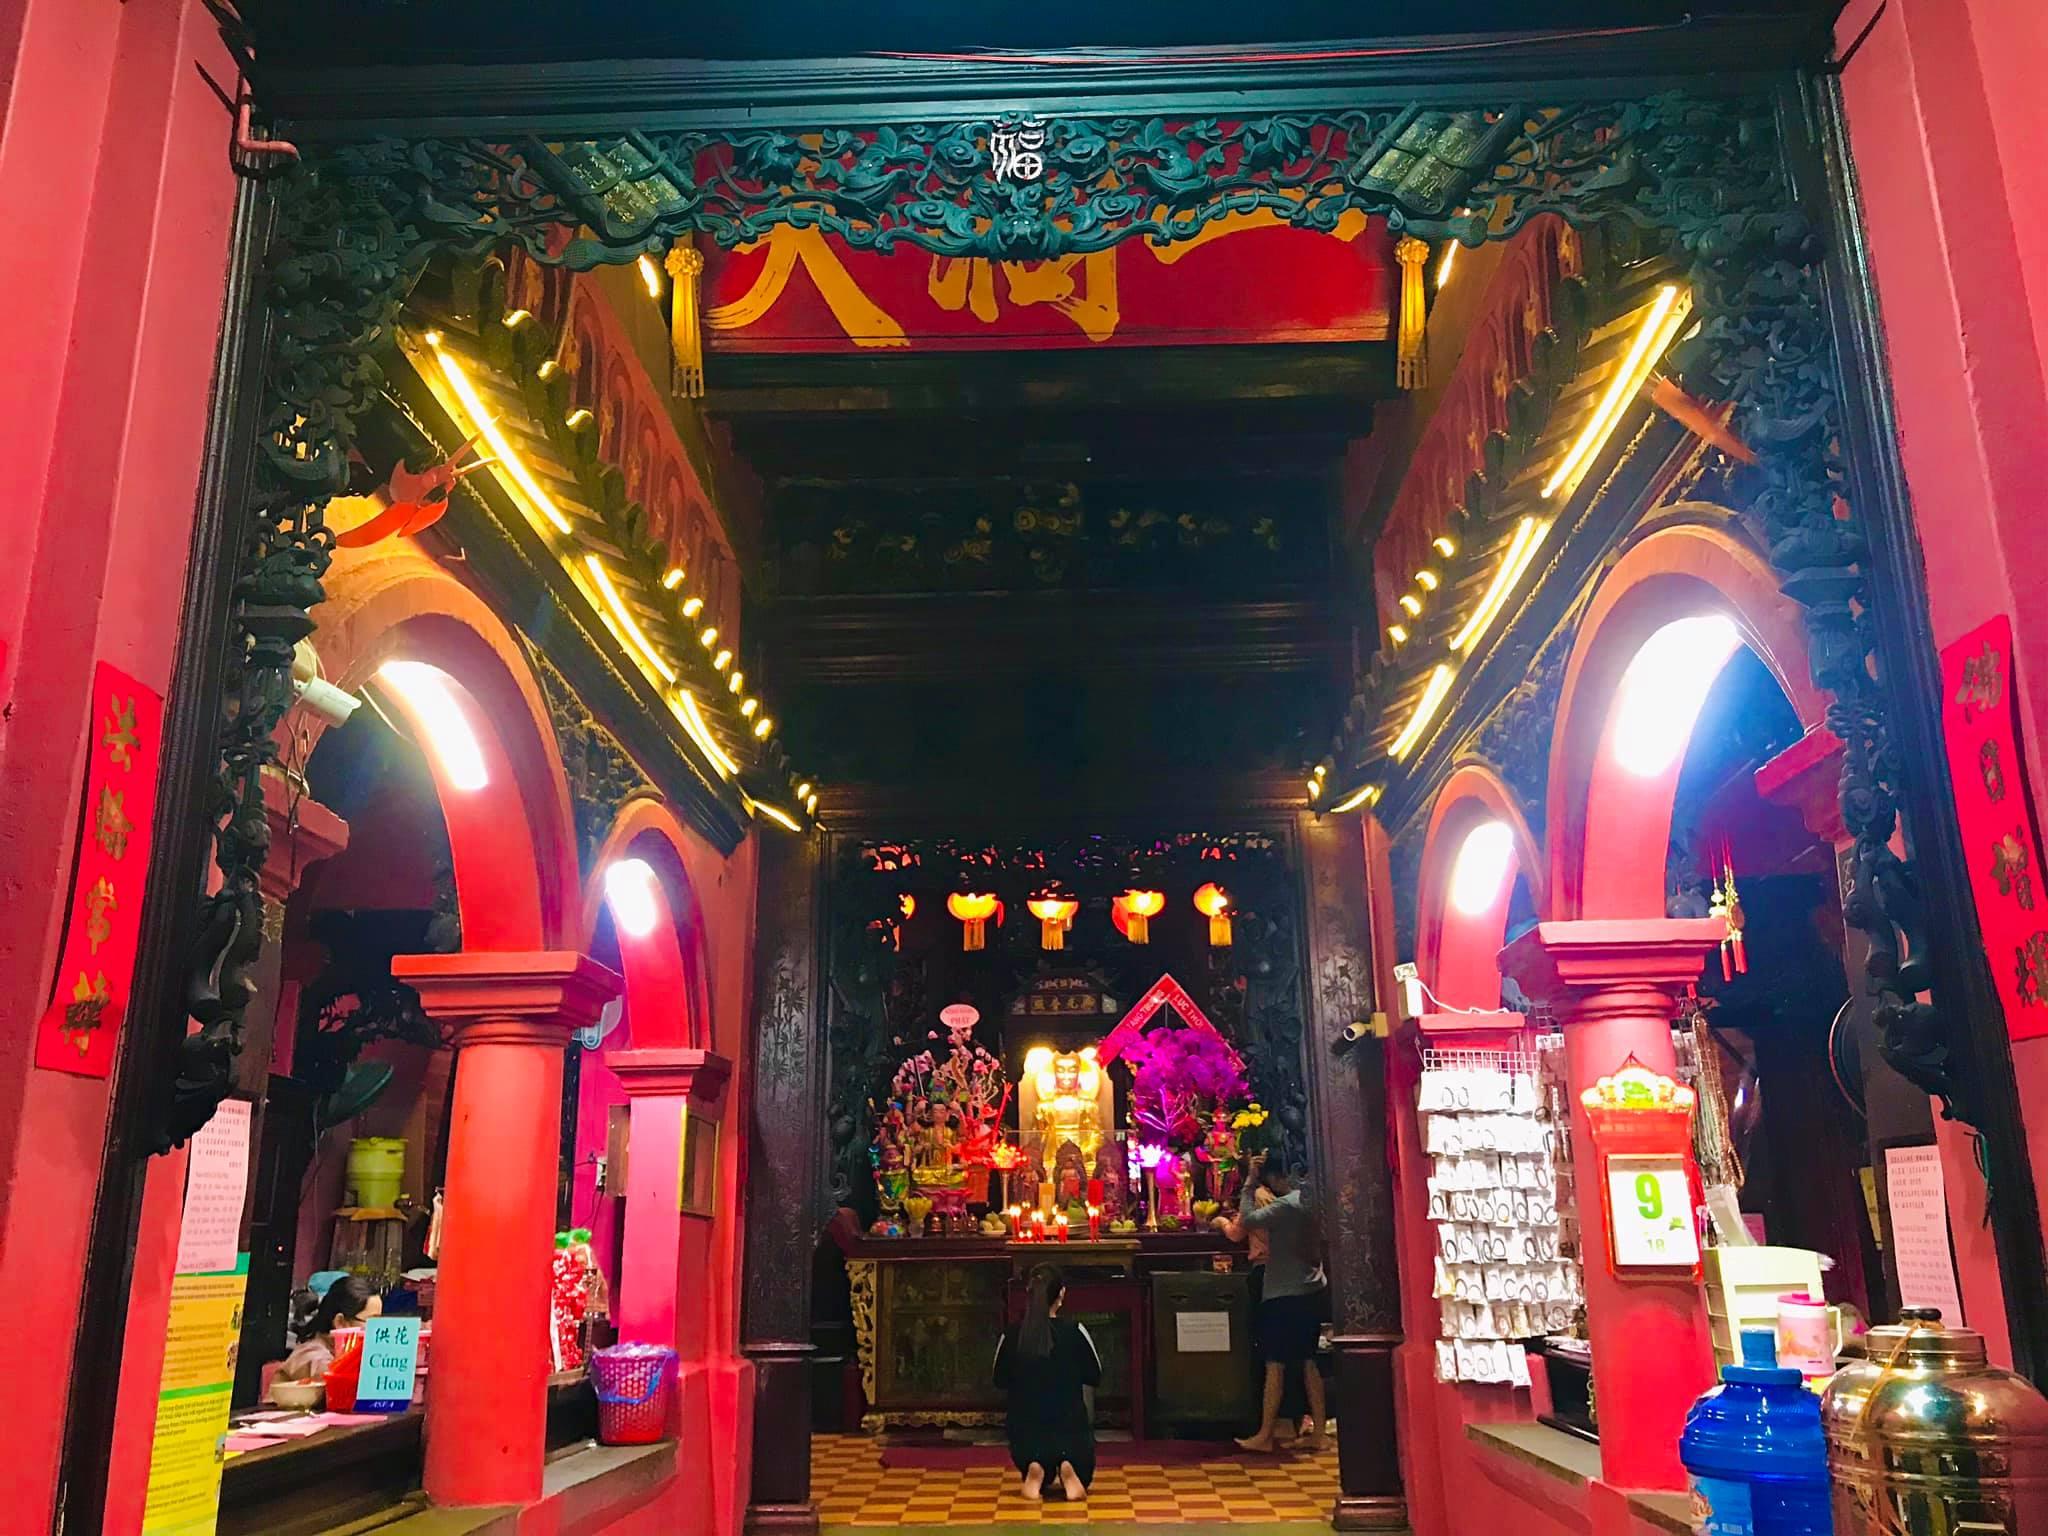 Kiến trúc độc đáo của chùa Ngọc Hoàng